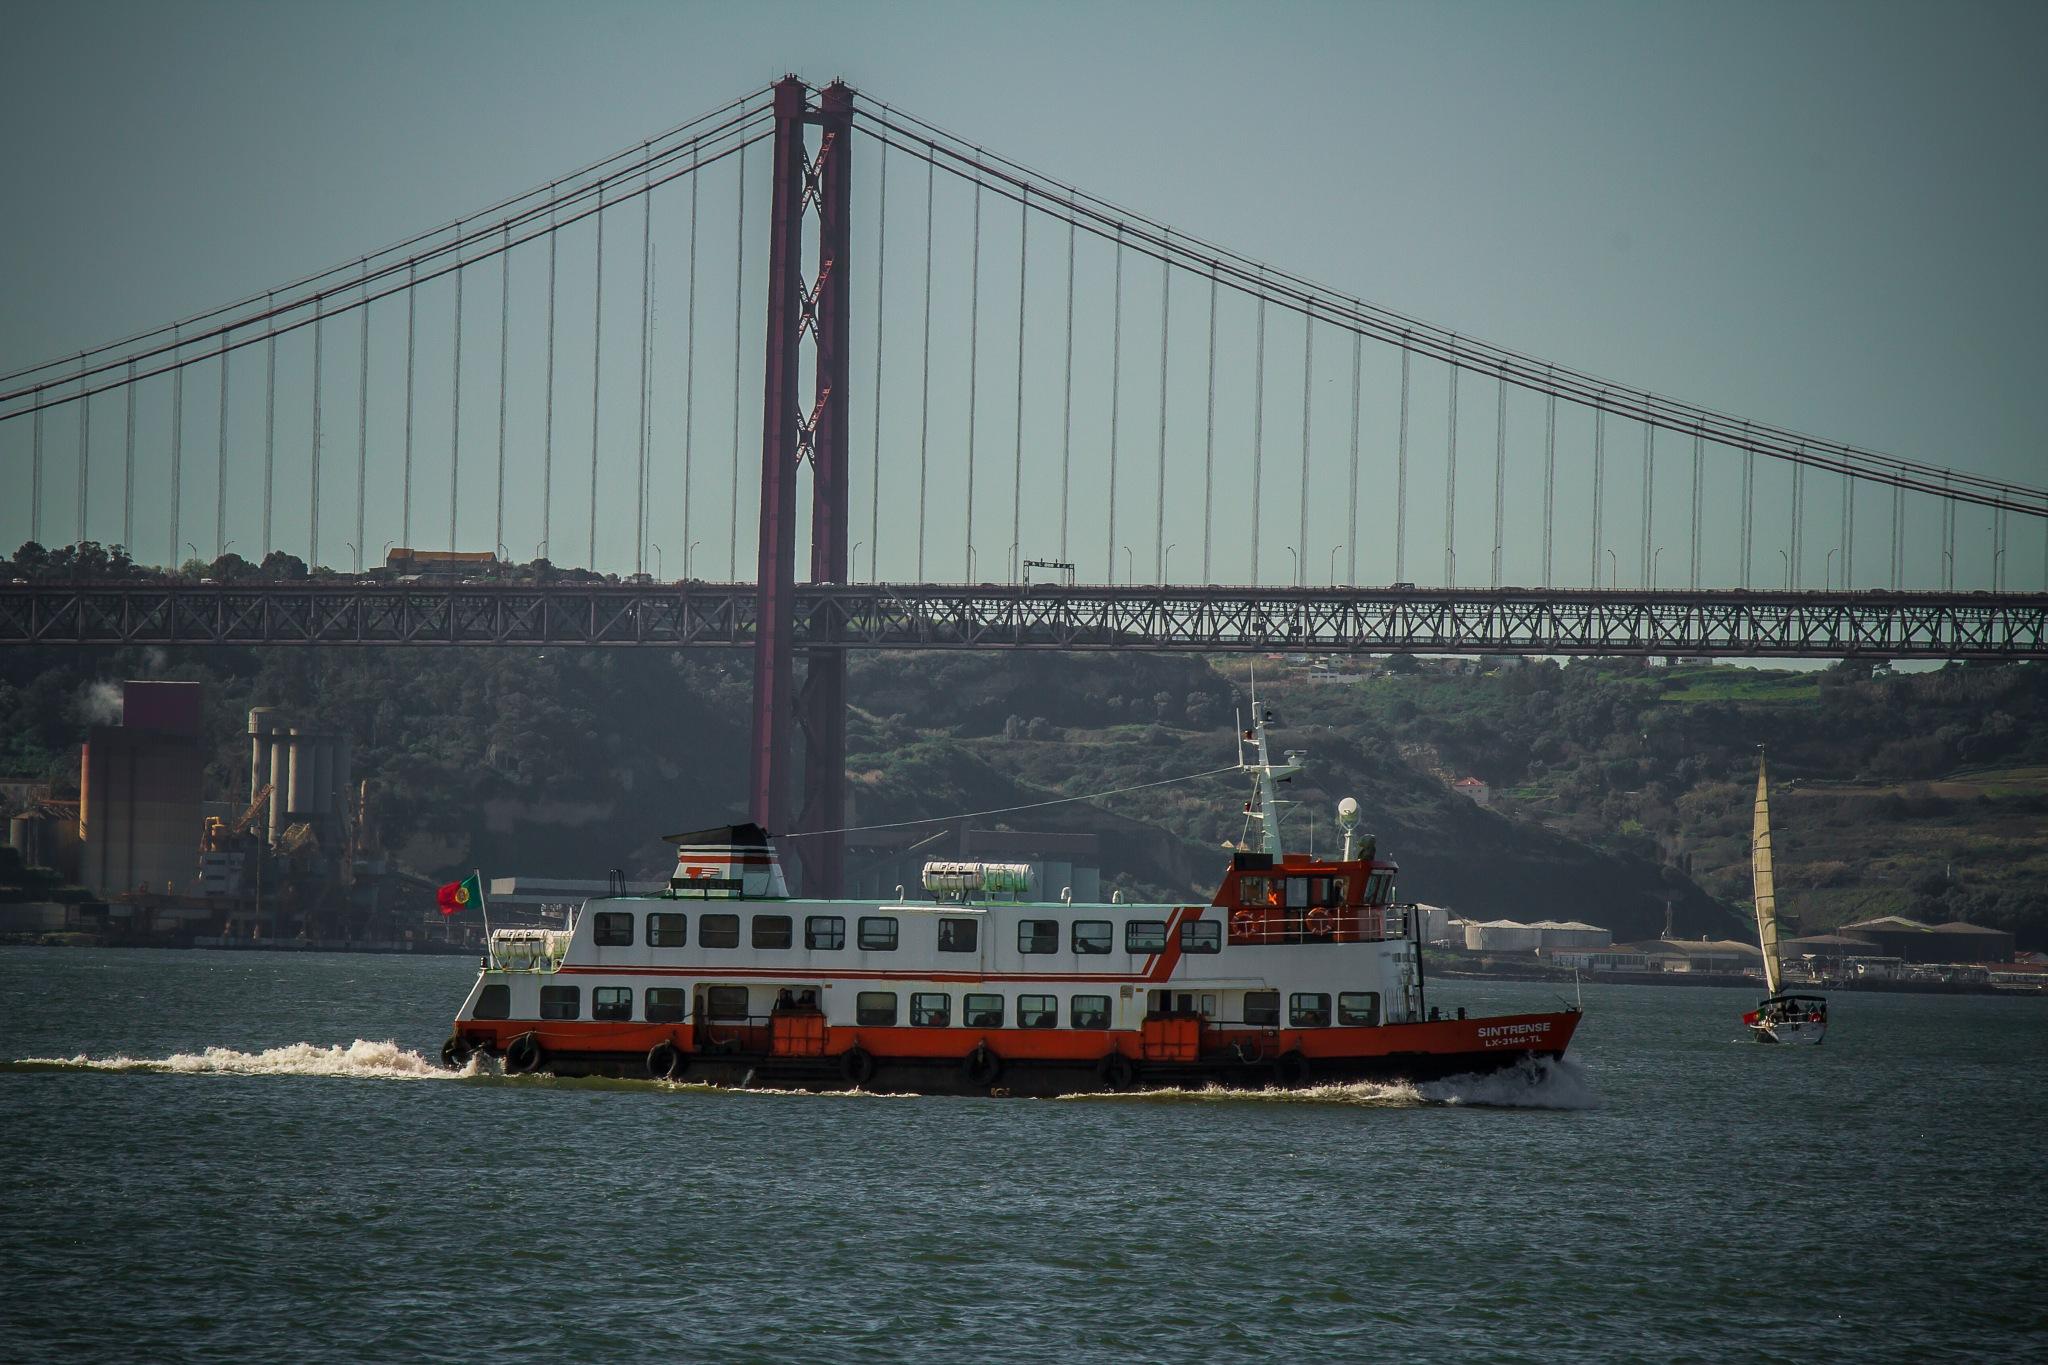 Lisboa by FernandoLopes